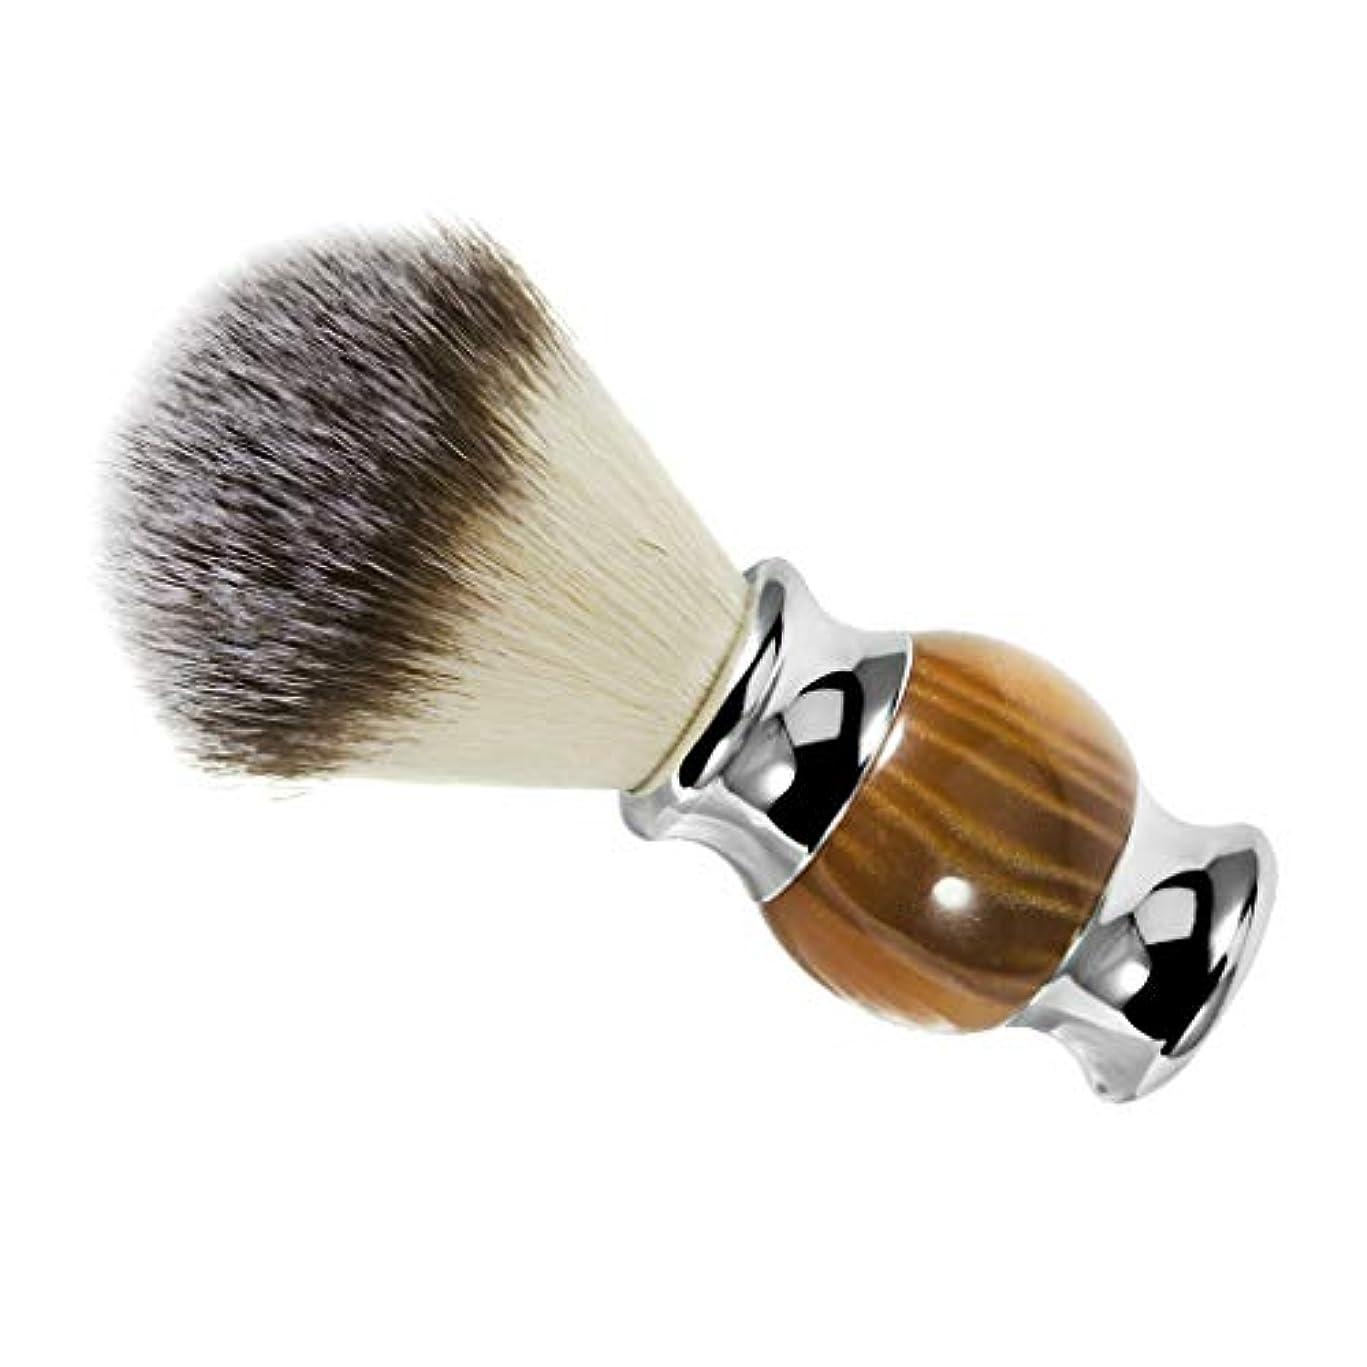 パスタ他のバンドであなたが良くなりますシェービングブラシ ひげ剃りブラシ 口ひげブラシ 理髪サロン 髭剃り ひげ剃り 泡立ち